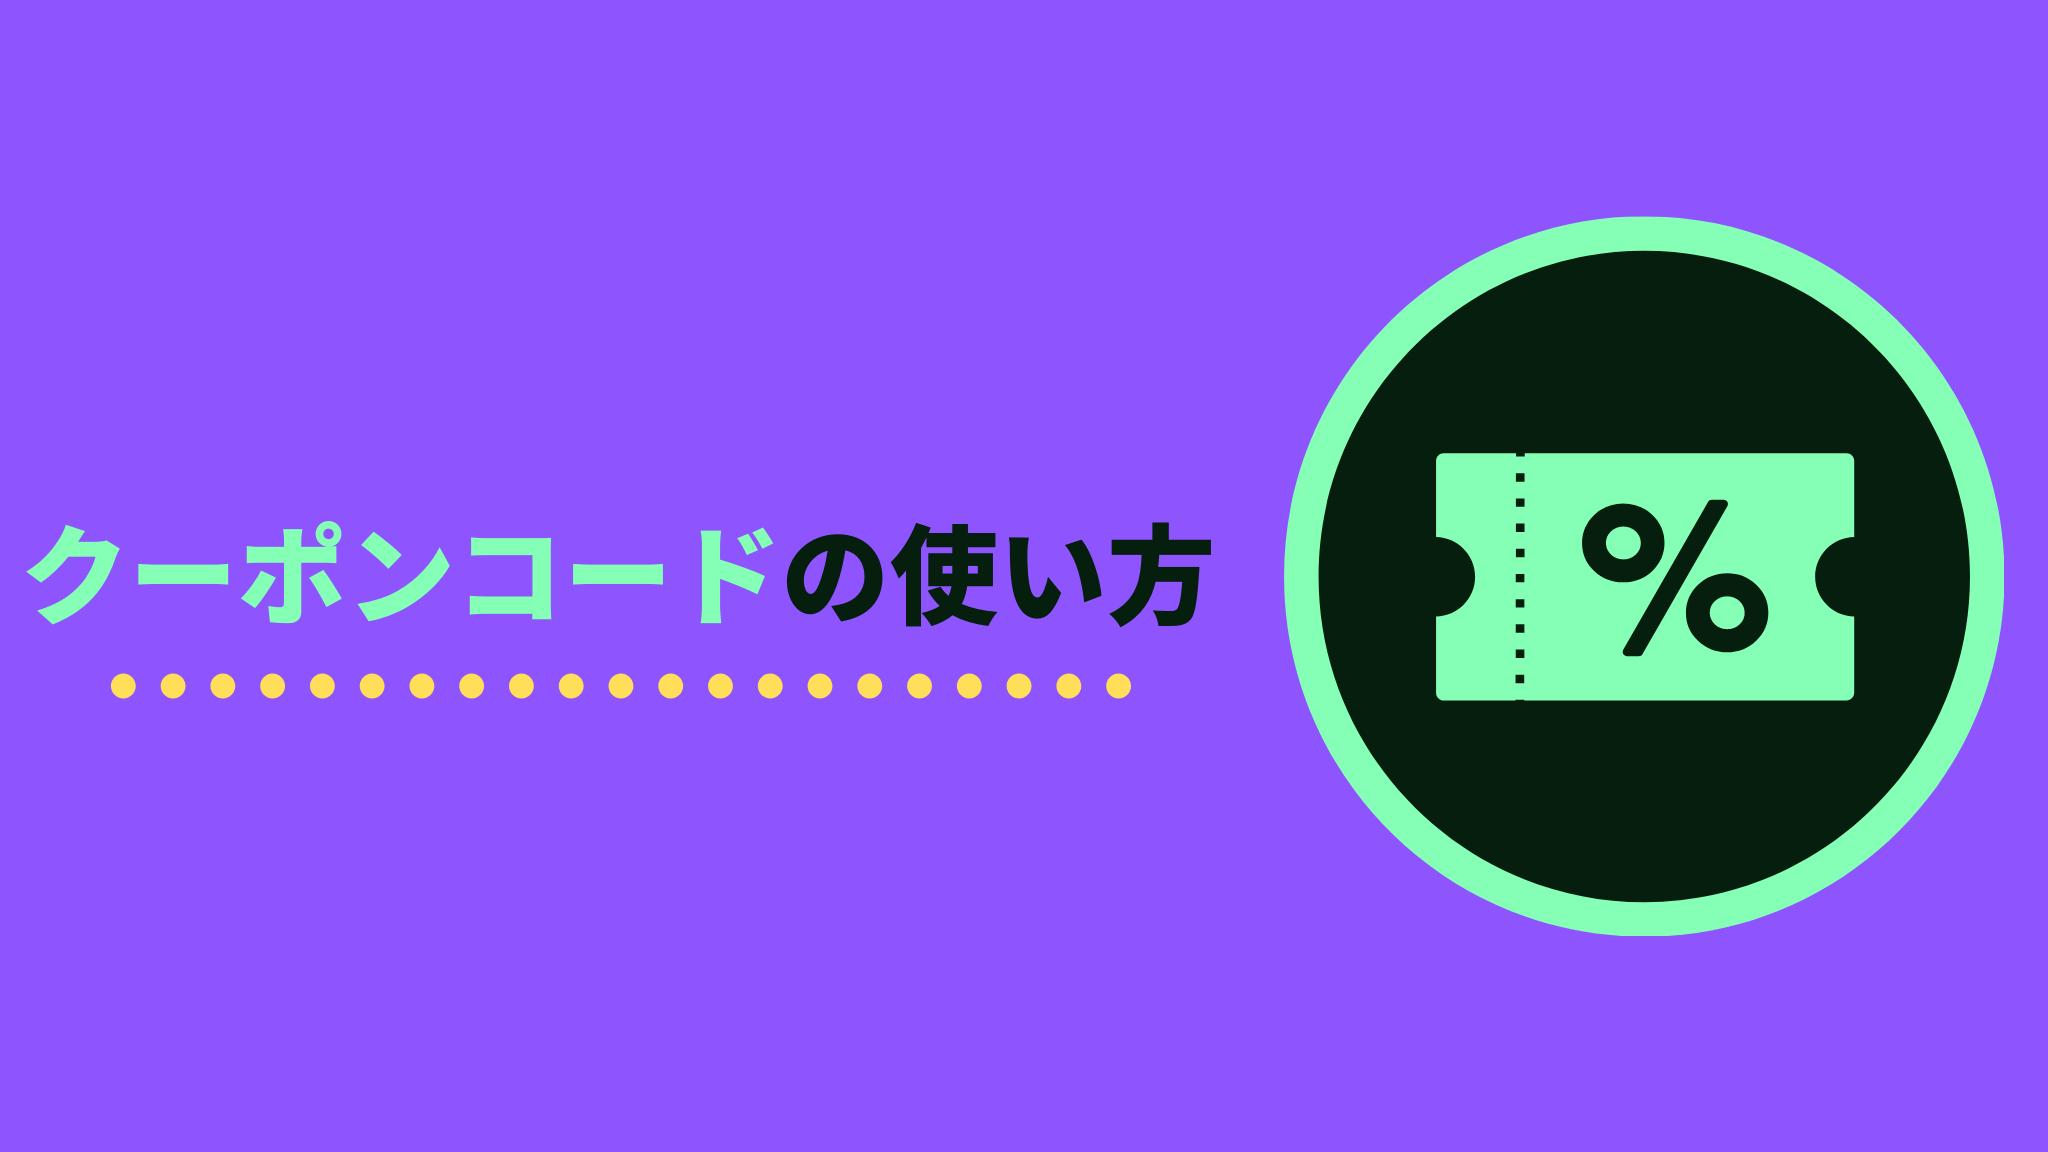 【公式】ポケットチェンジのクーポンコードの使い方